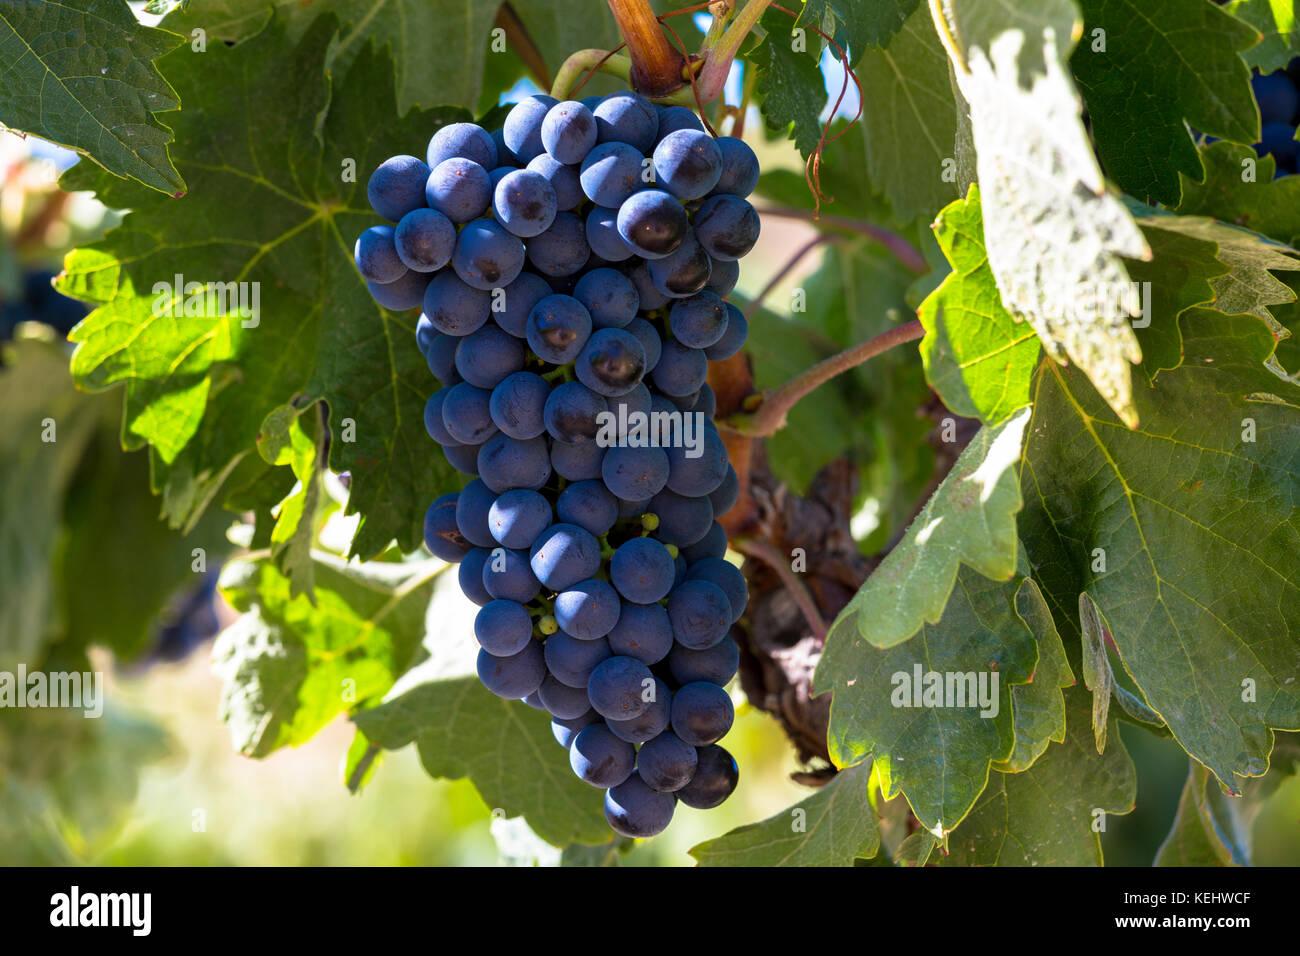 Marques de Riscal uve nere per la Rioja vino rosso a Elciego in Rioja Alavesa-area del Paese Basco, Spagna Immagini Stock